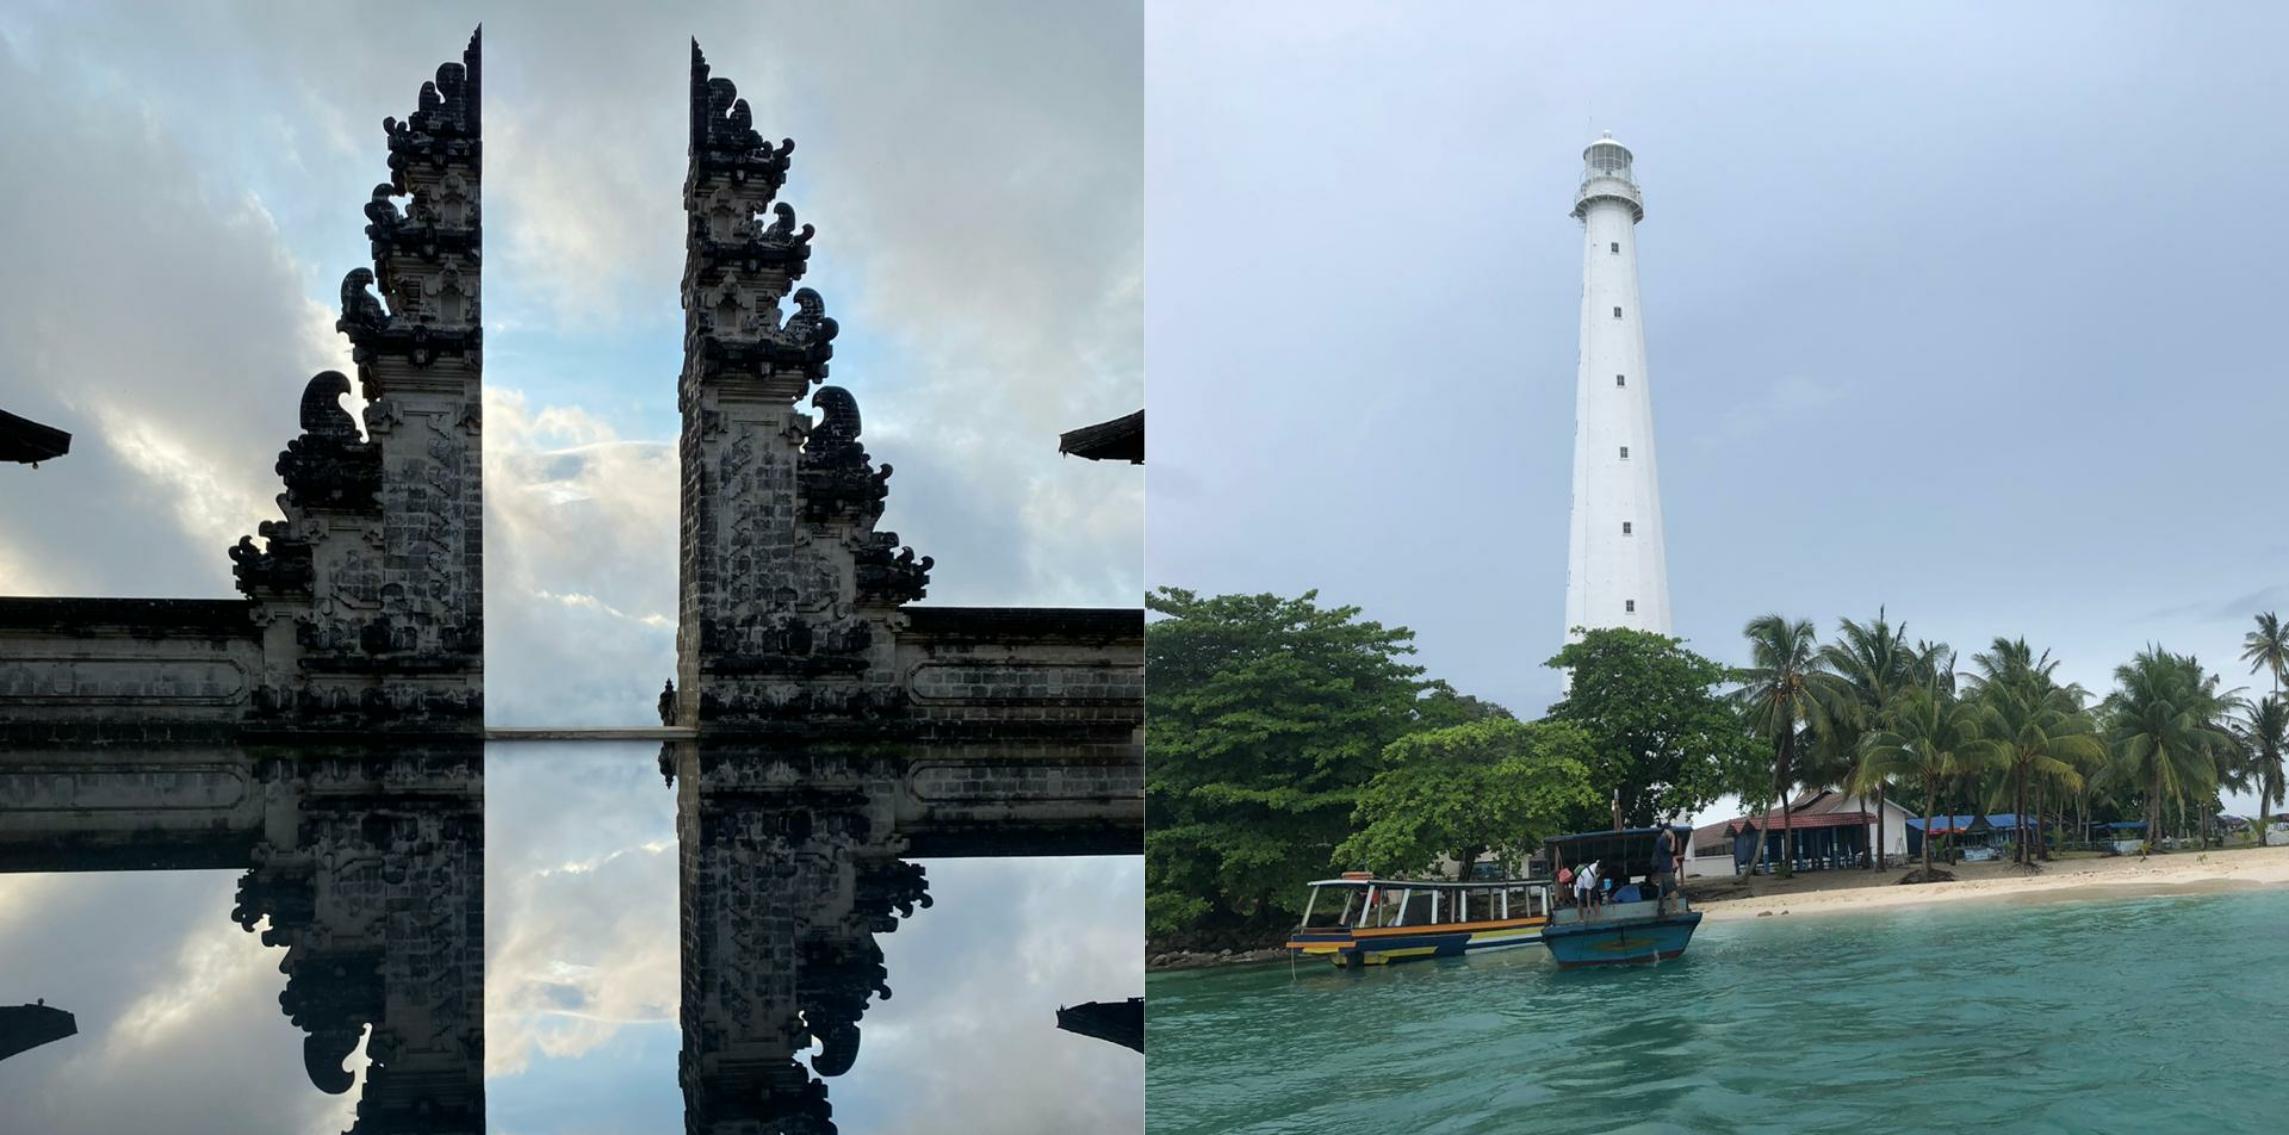 Inovasi Bali dan Belitung tingkatkan kunjungan wisatawan